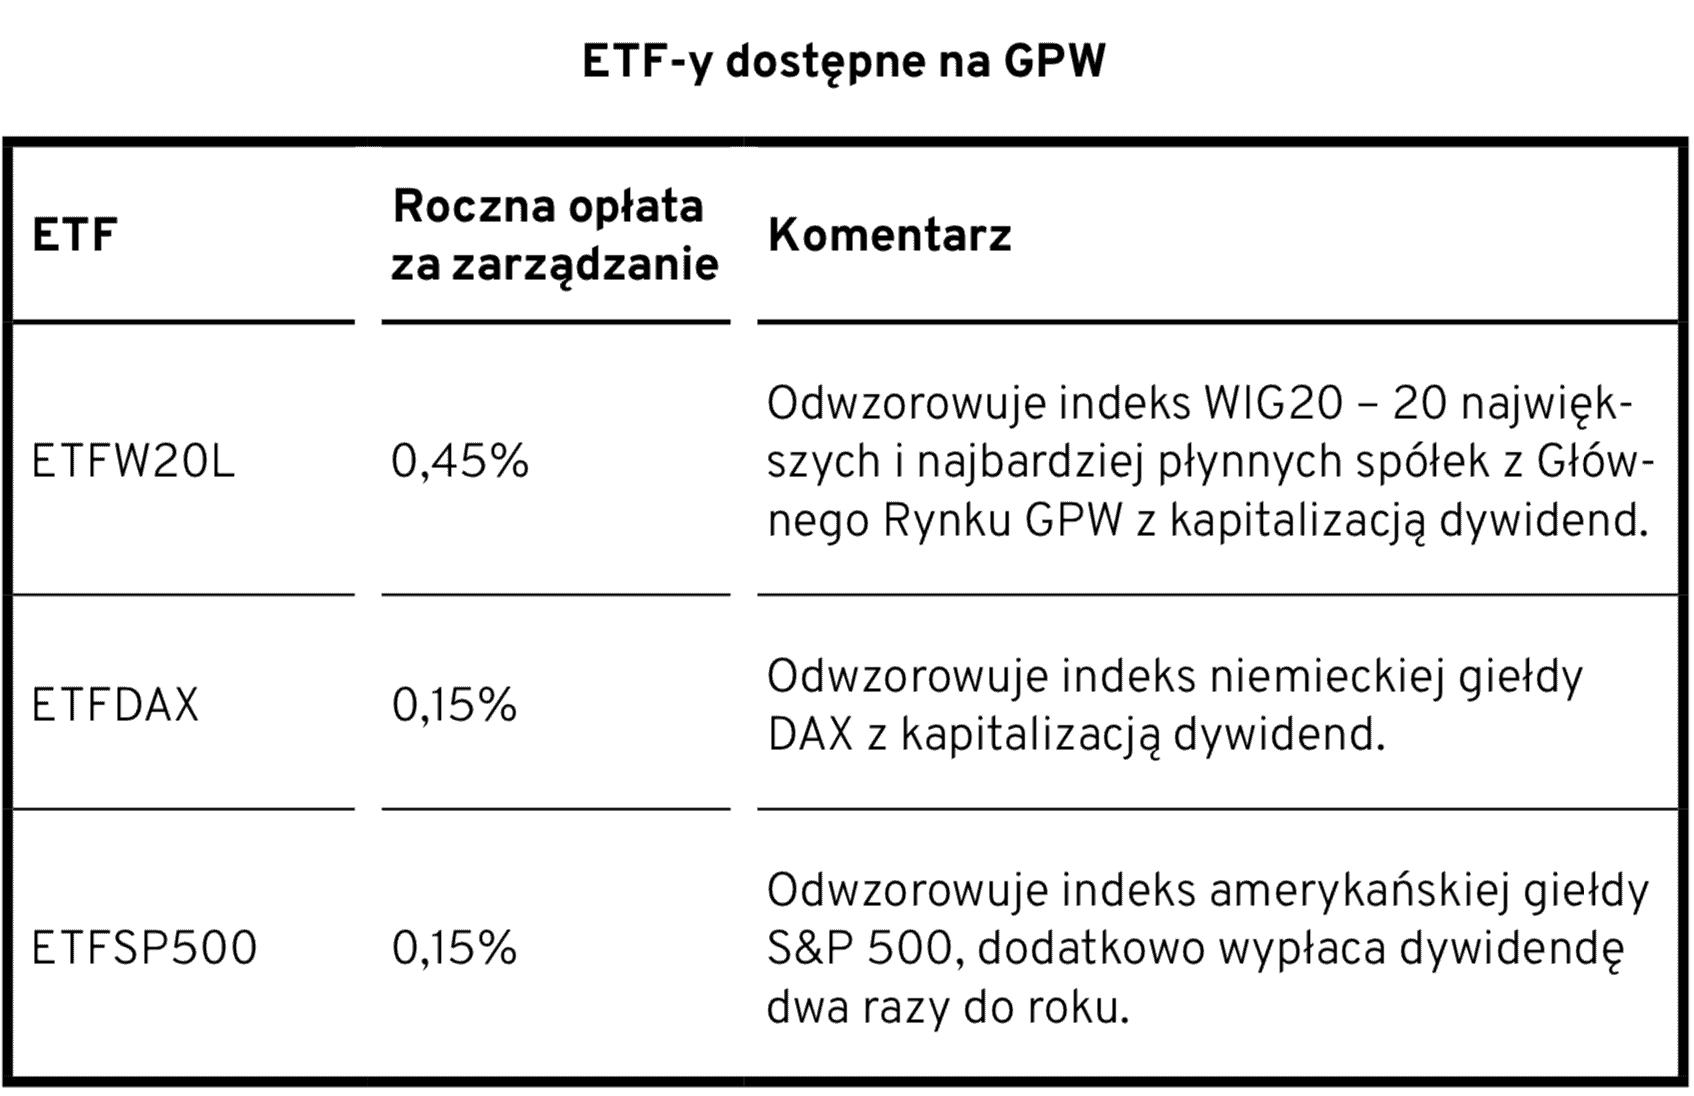 ETF na GPW